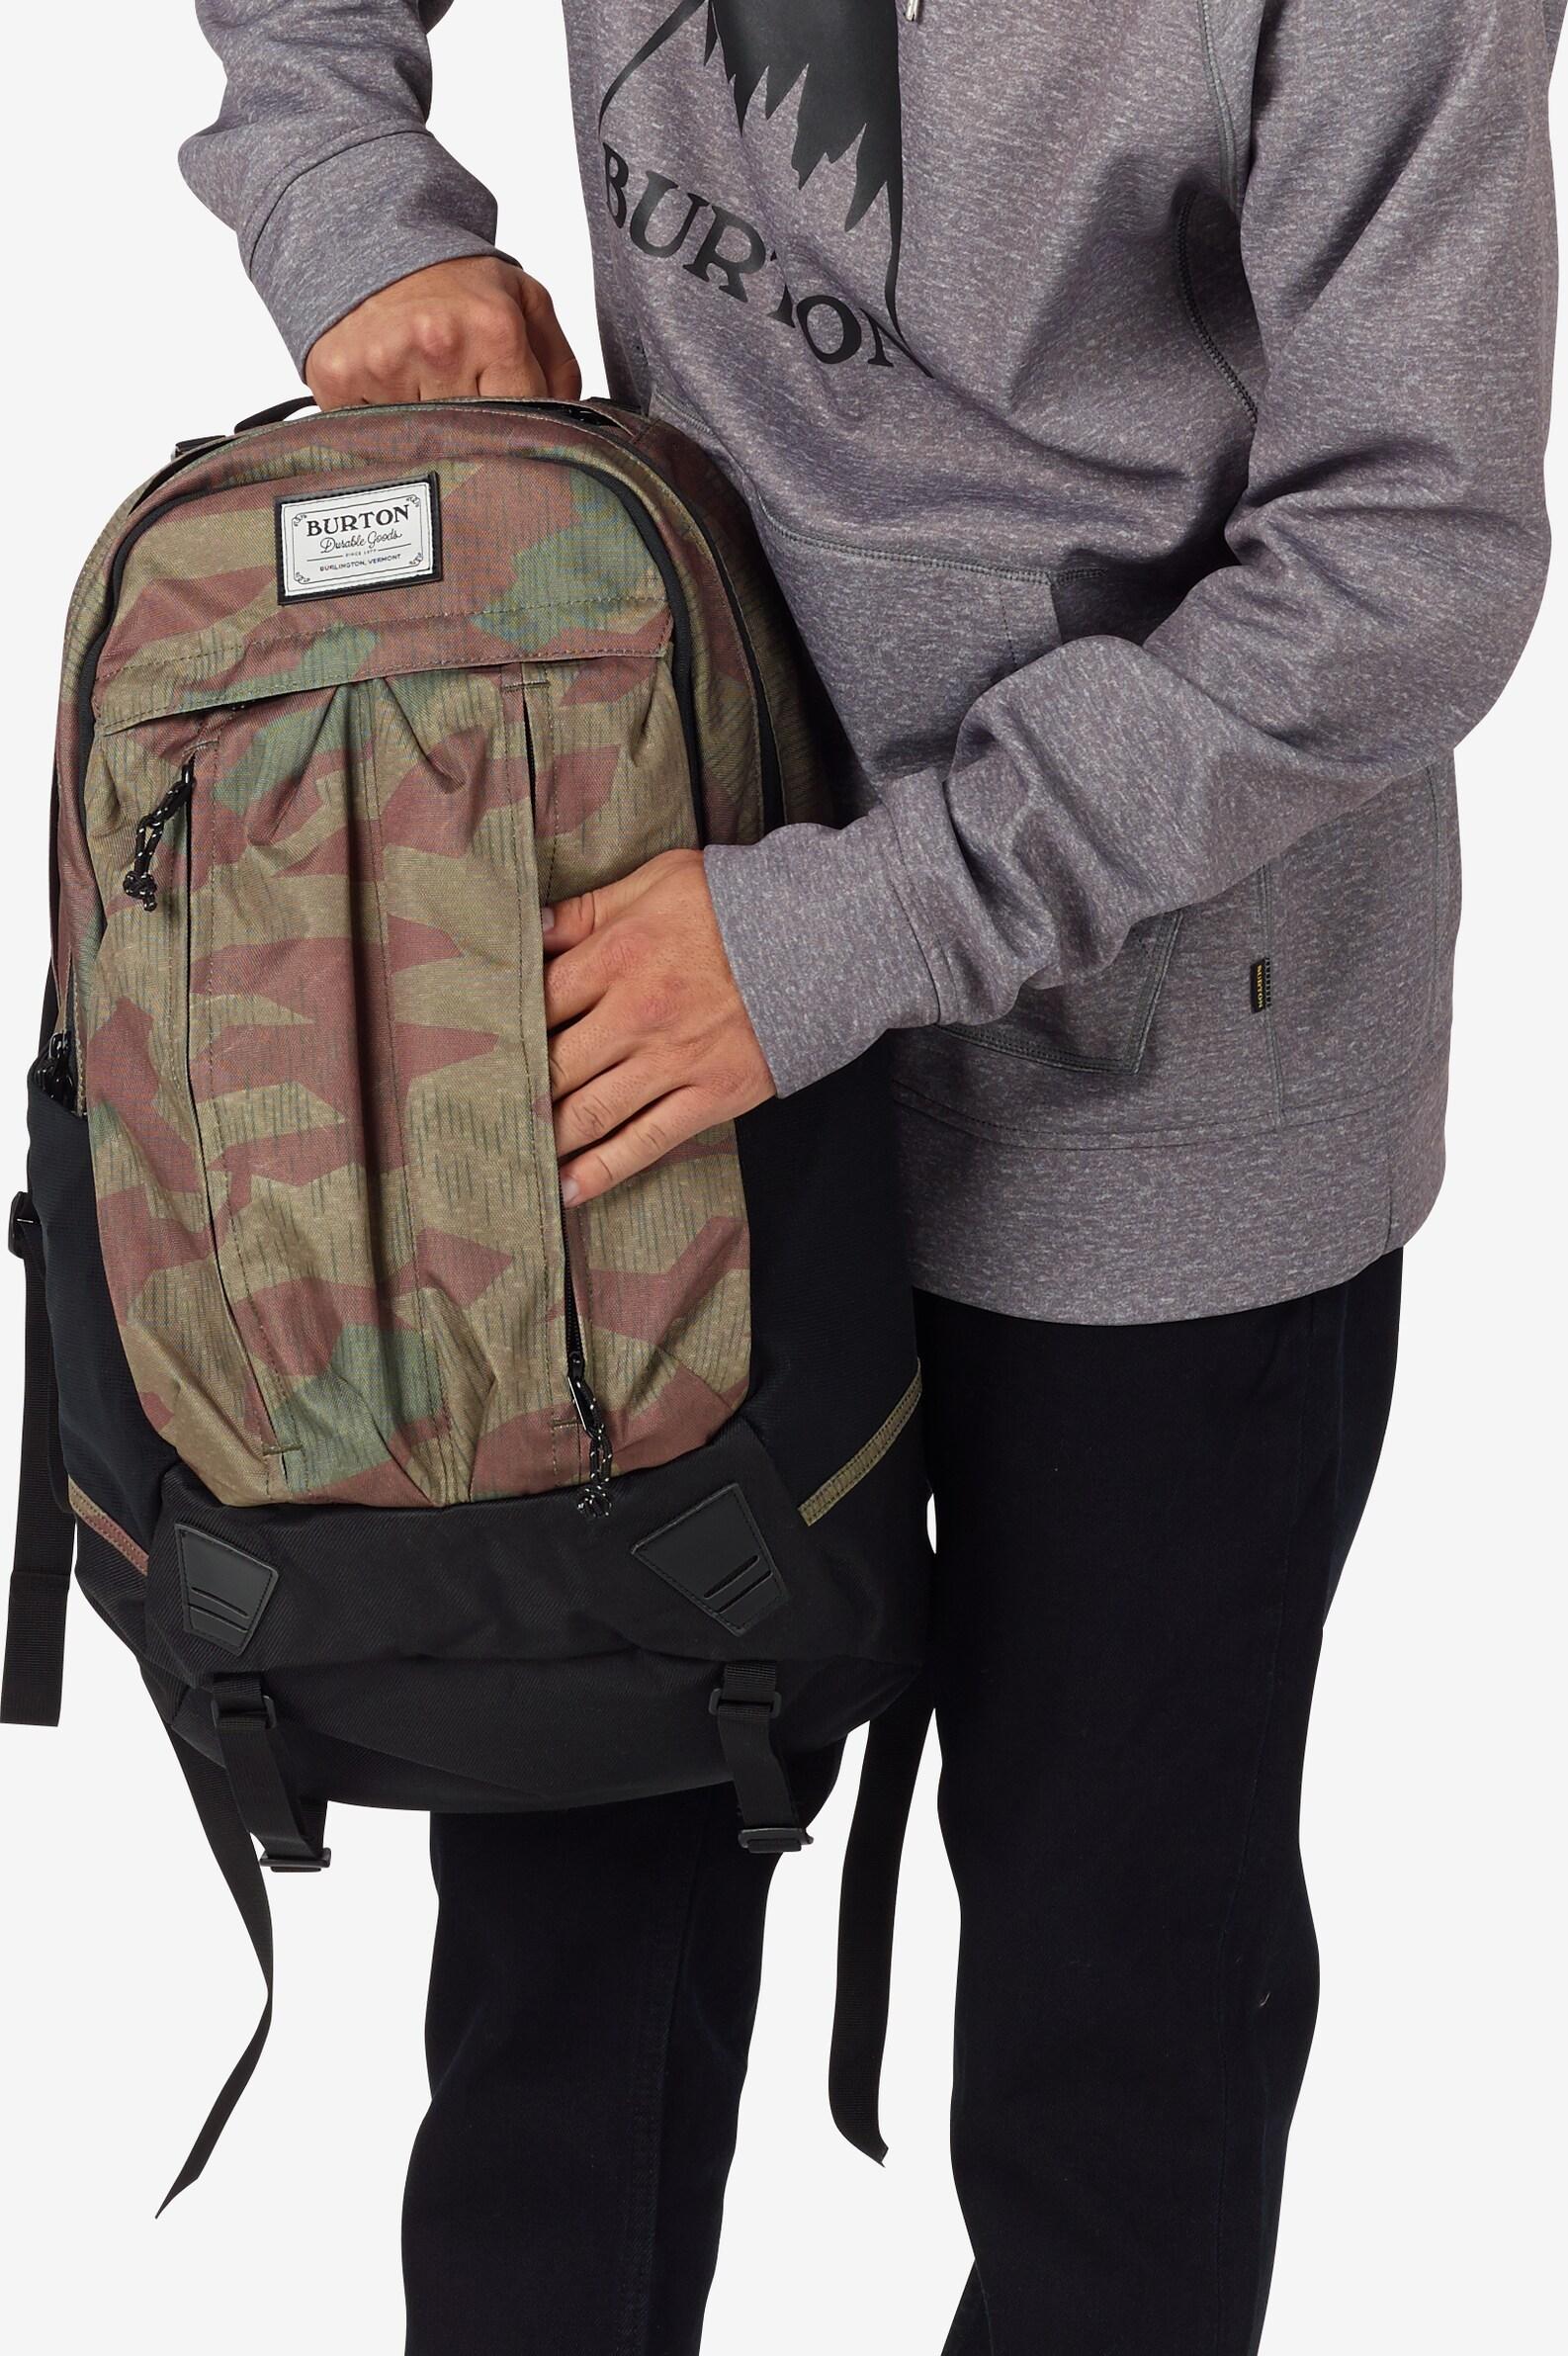 Burton Bravo Backpack shown in Splinter Camo Print